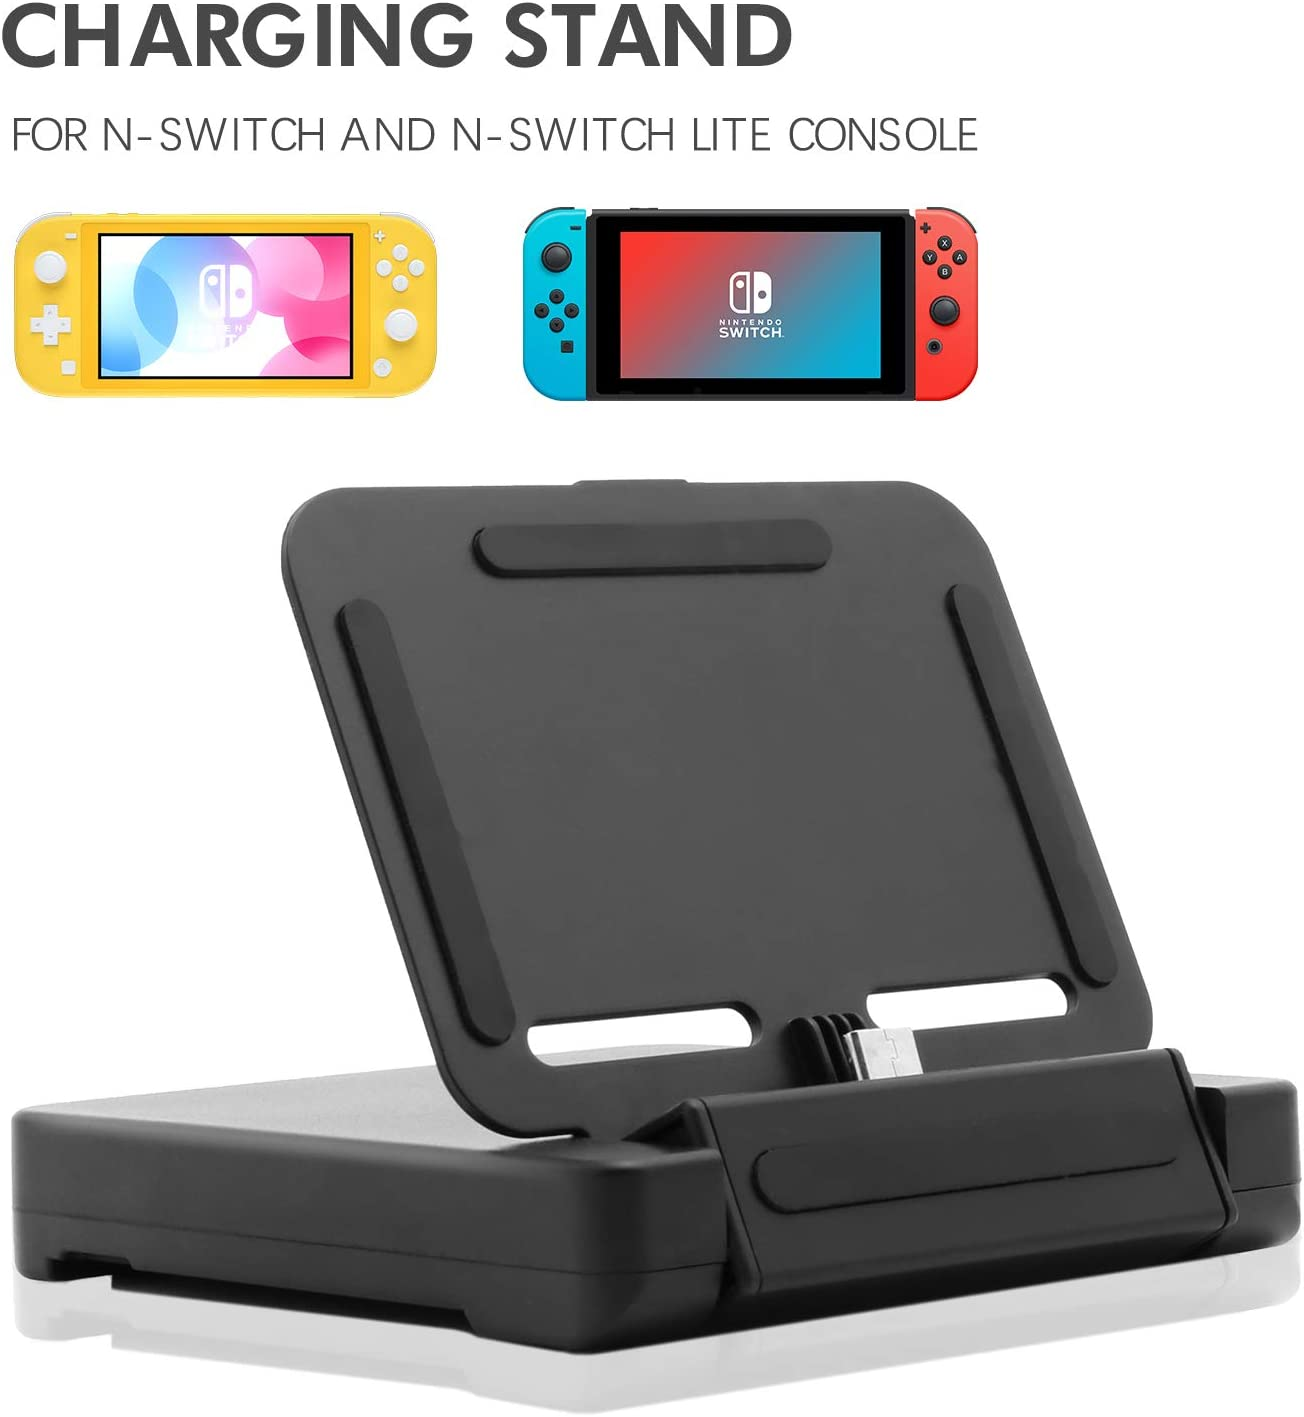 Base de Carga para Nintendo Switch Lite, Soporte de Carga para Nintendo Switch Lite y Nintendo Switch con 2 Ranuras de Juego y 1 Cable USB Tipo C, Color Negro: Amazon.es: Electrónica